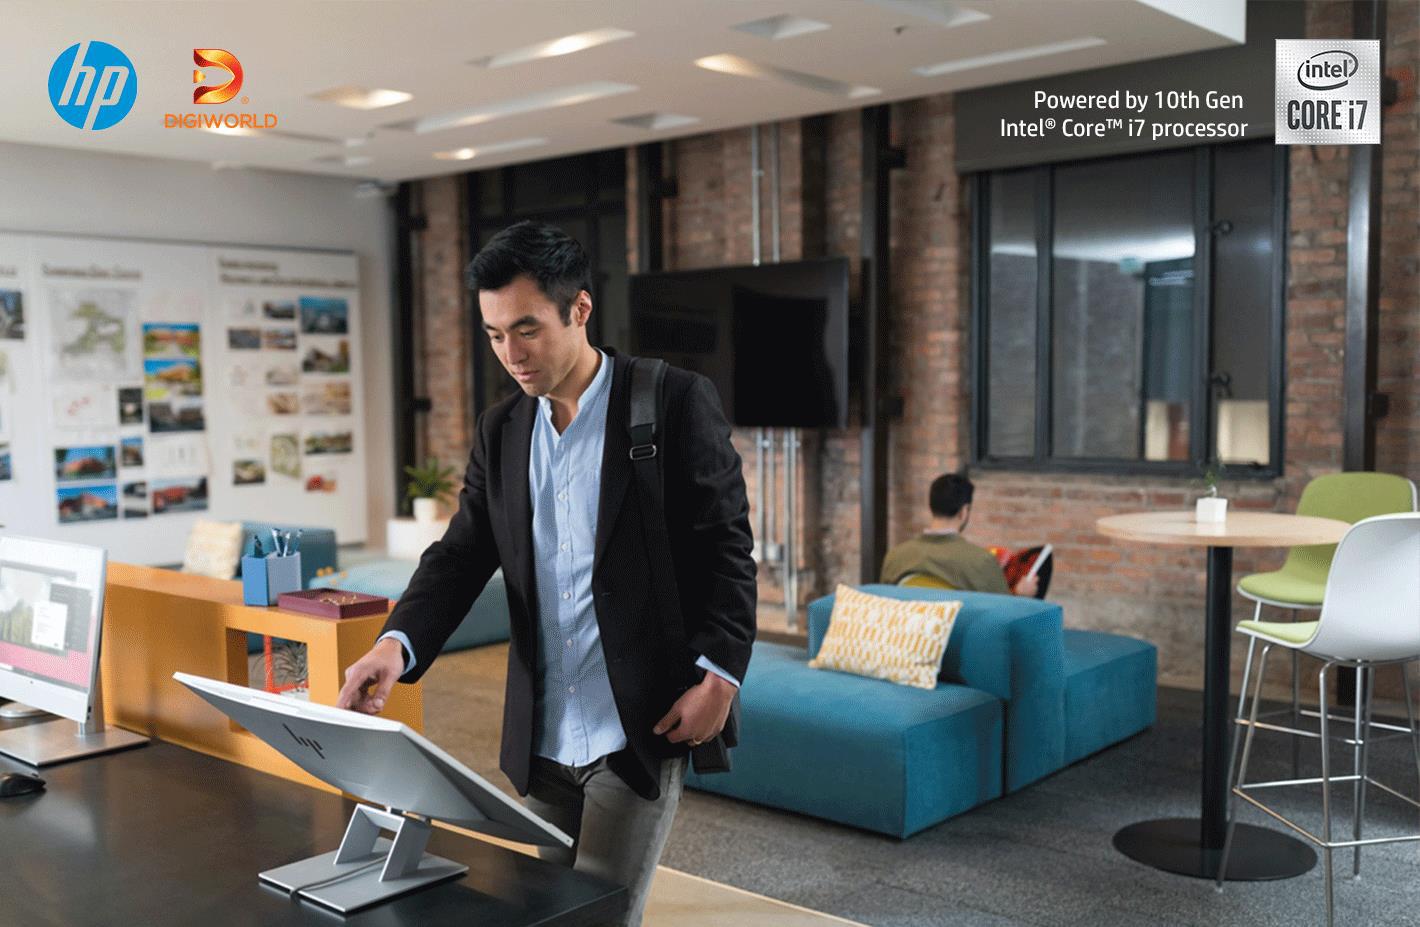 Đầu tư máy tính trong giai đoạn làm việc tại nhà, doanh nghiệp cần quan tâm những gì? - Ảnh 3.